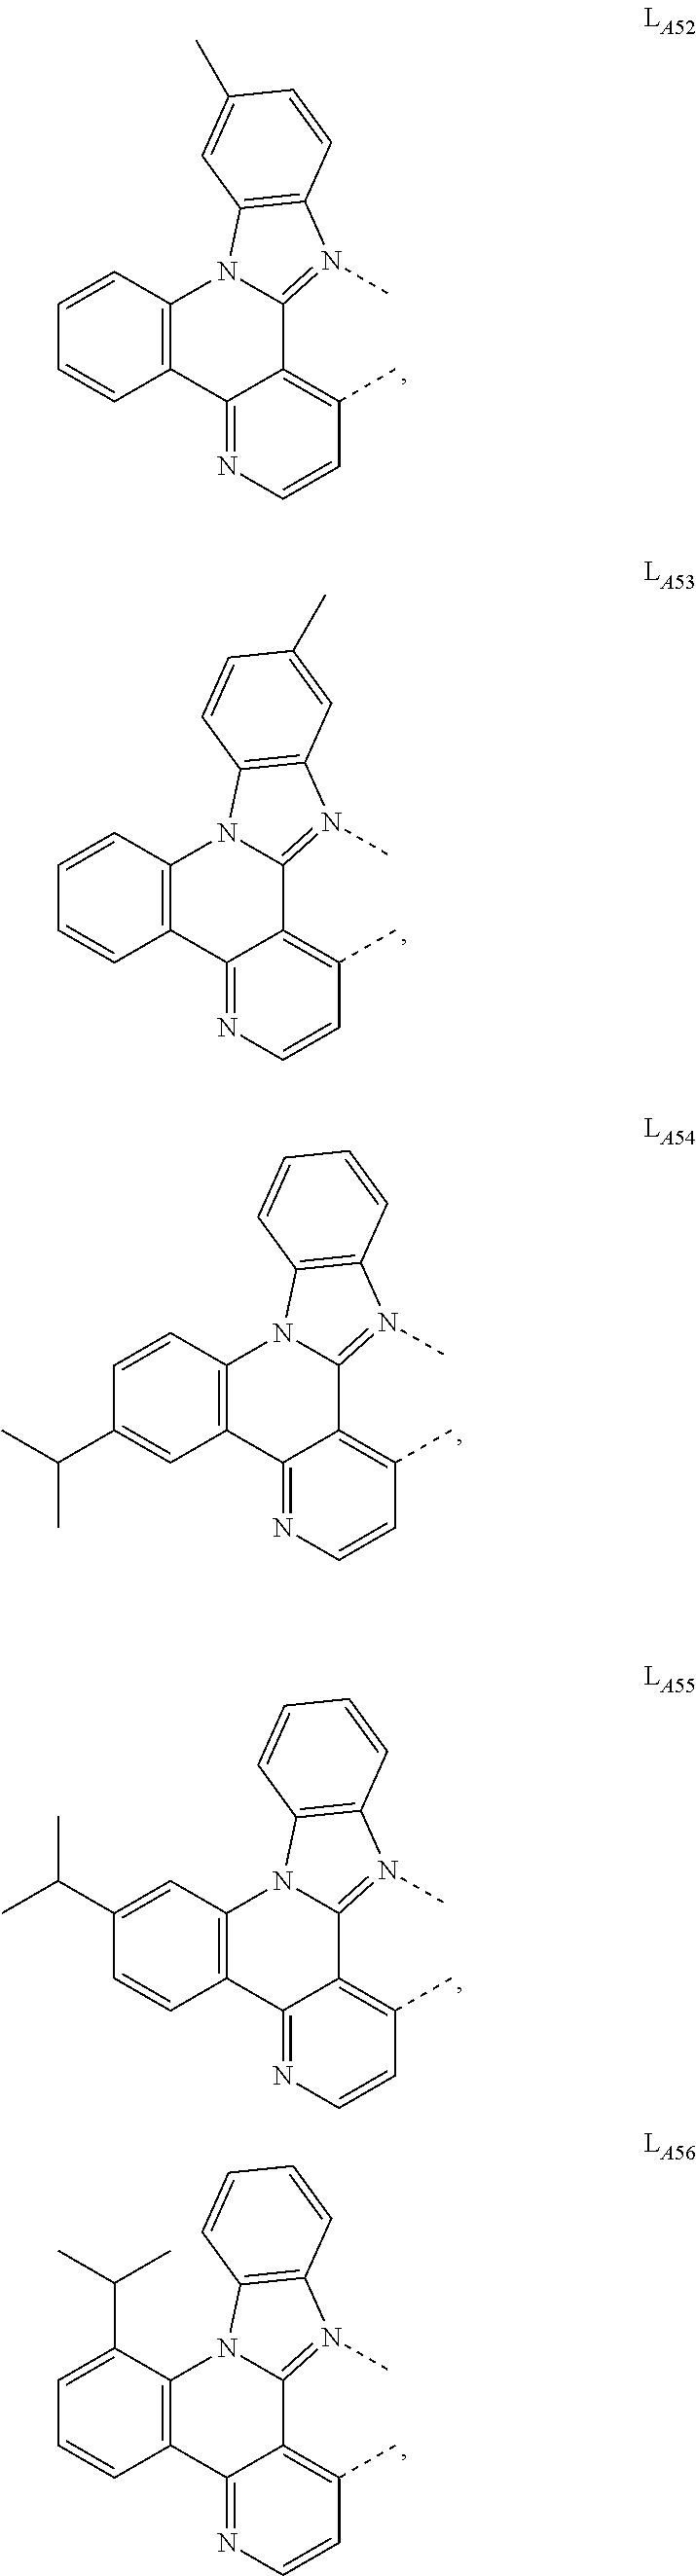 Figure US09905785-20180227-C00436